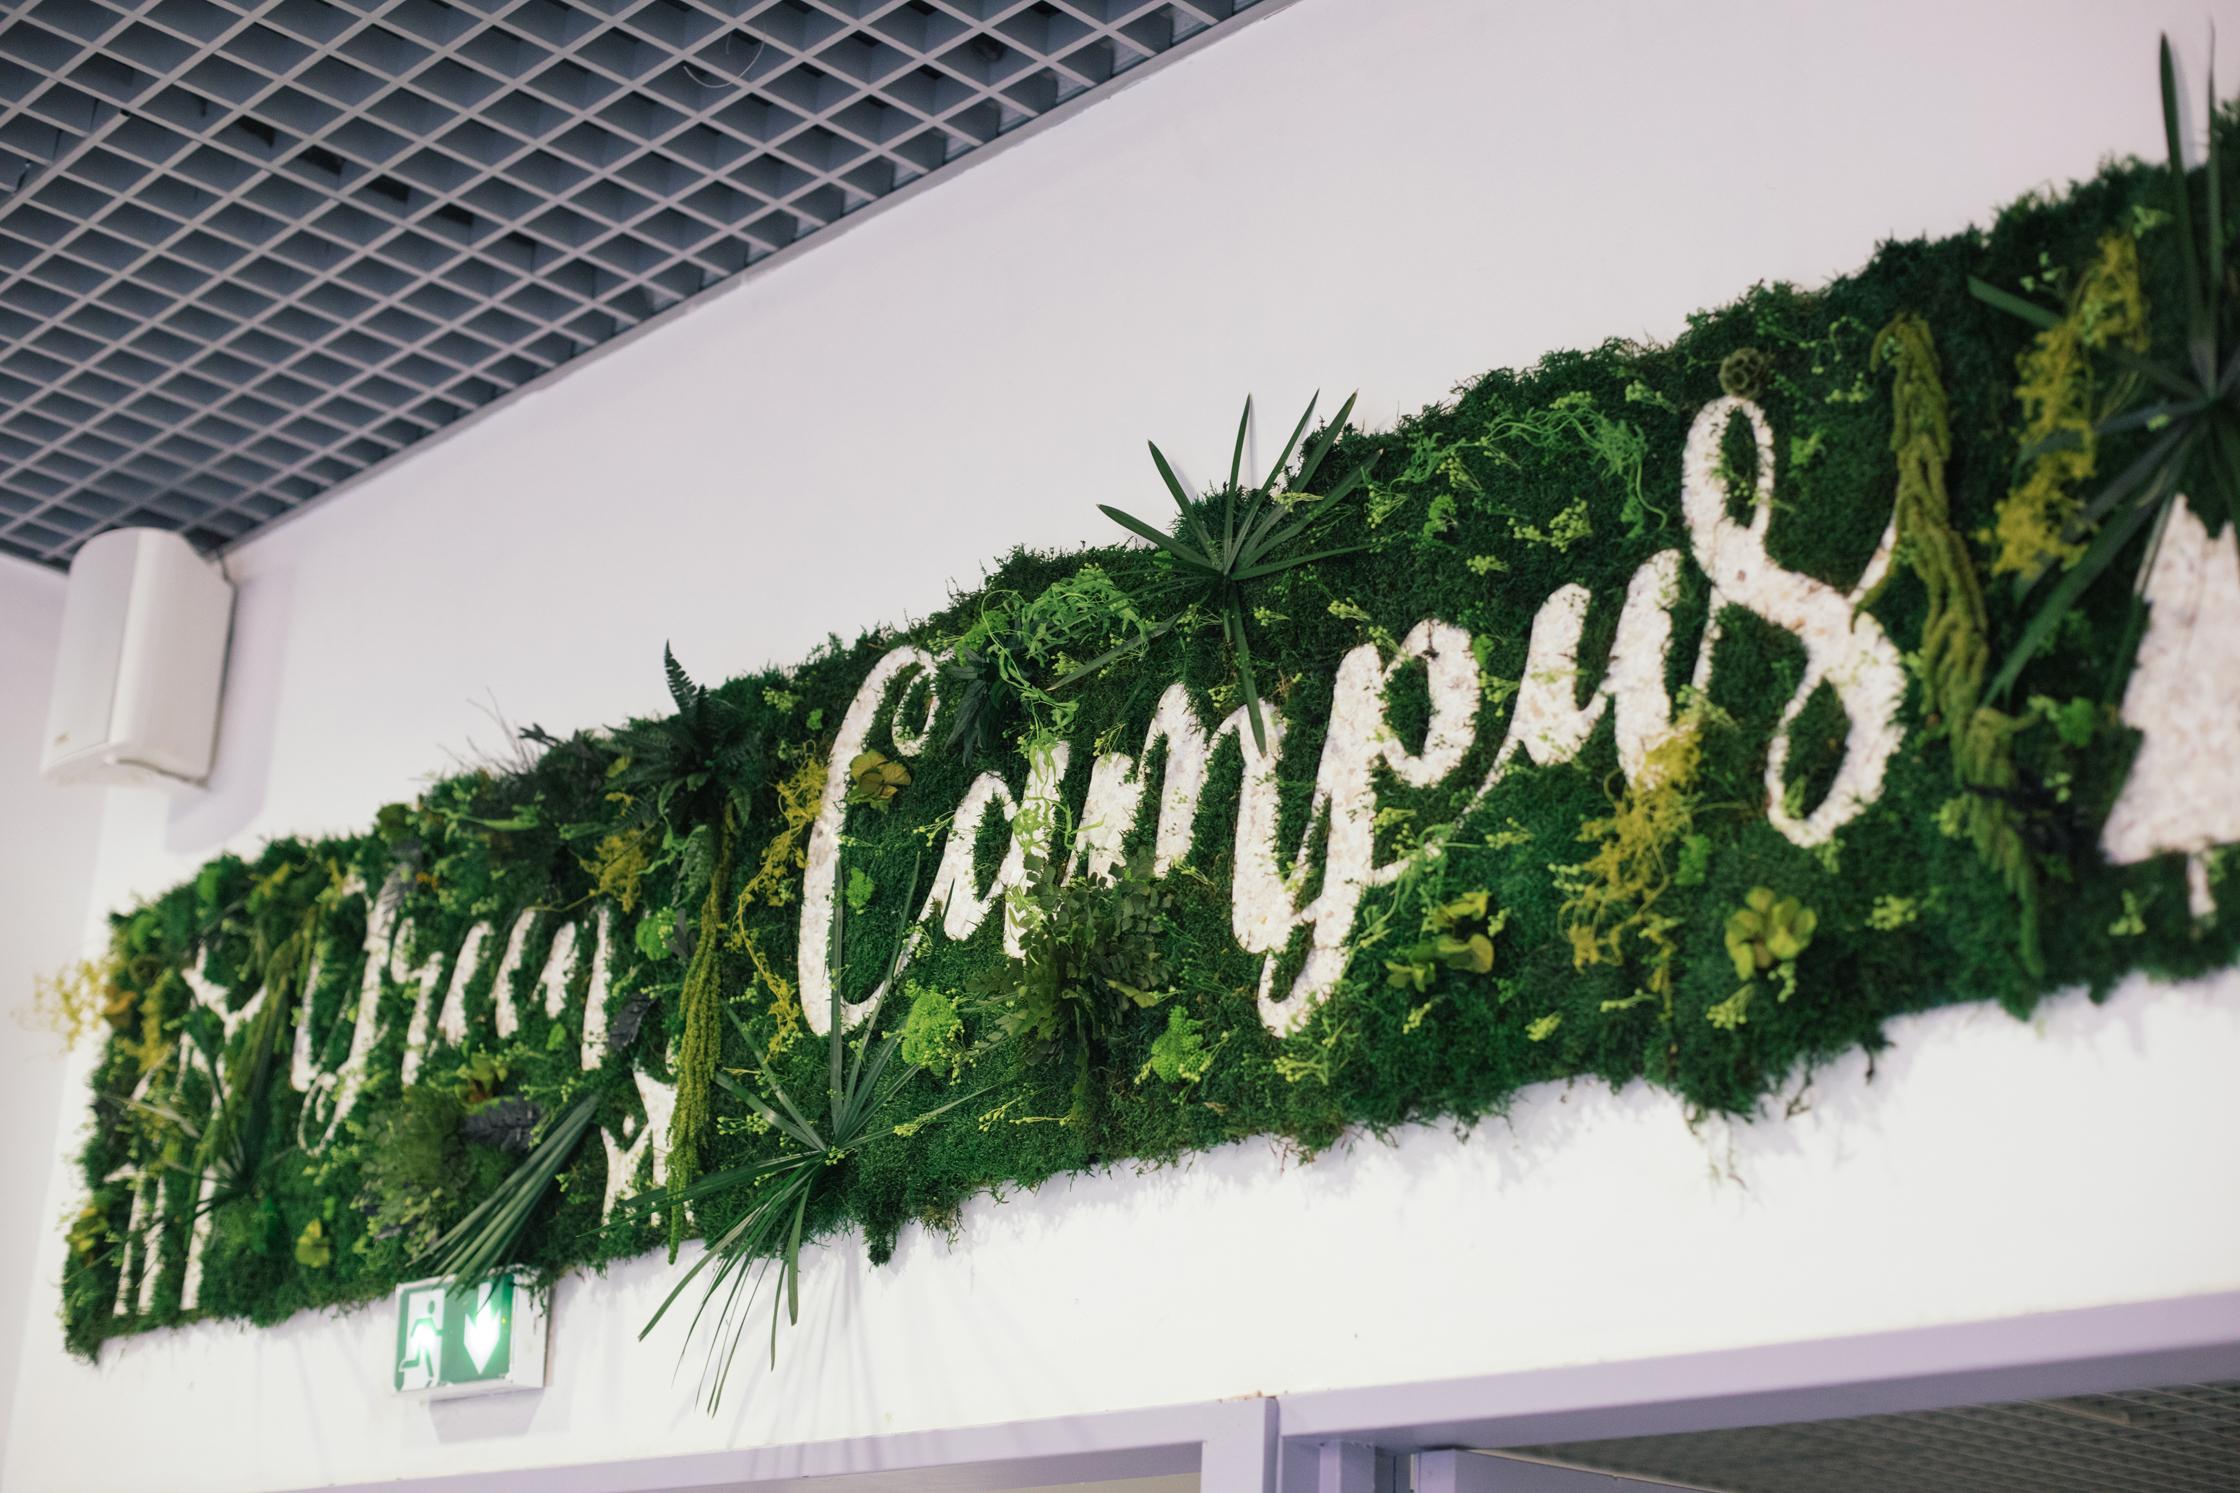 Fresque végétale réalisée au cours d'un atelier Fresque Végétale avec le campus CFA